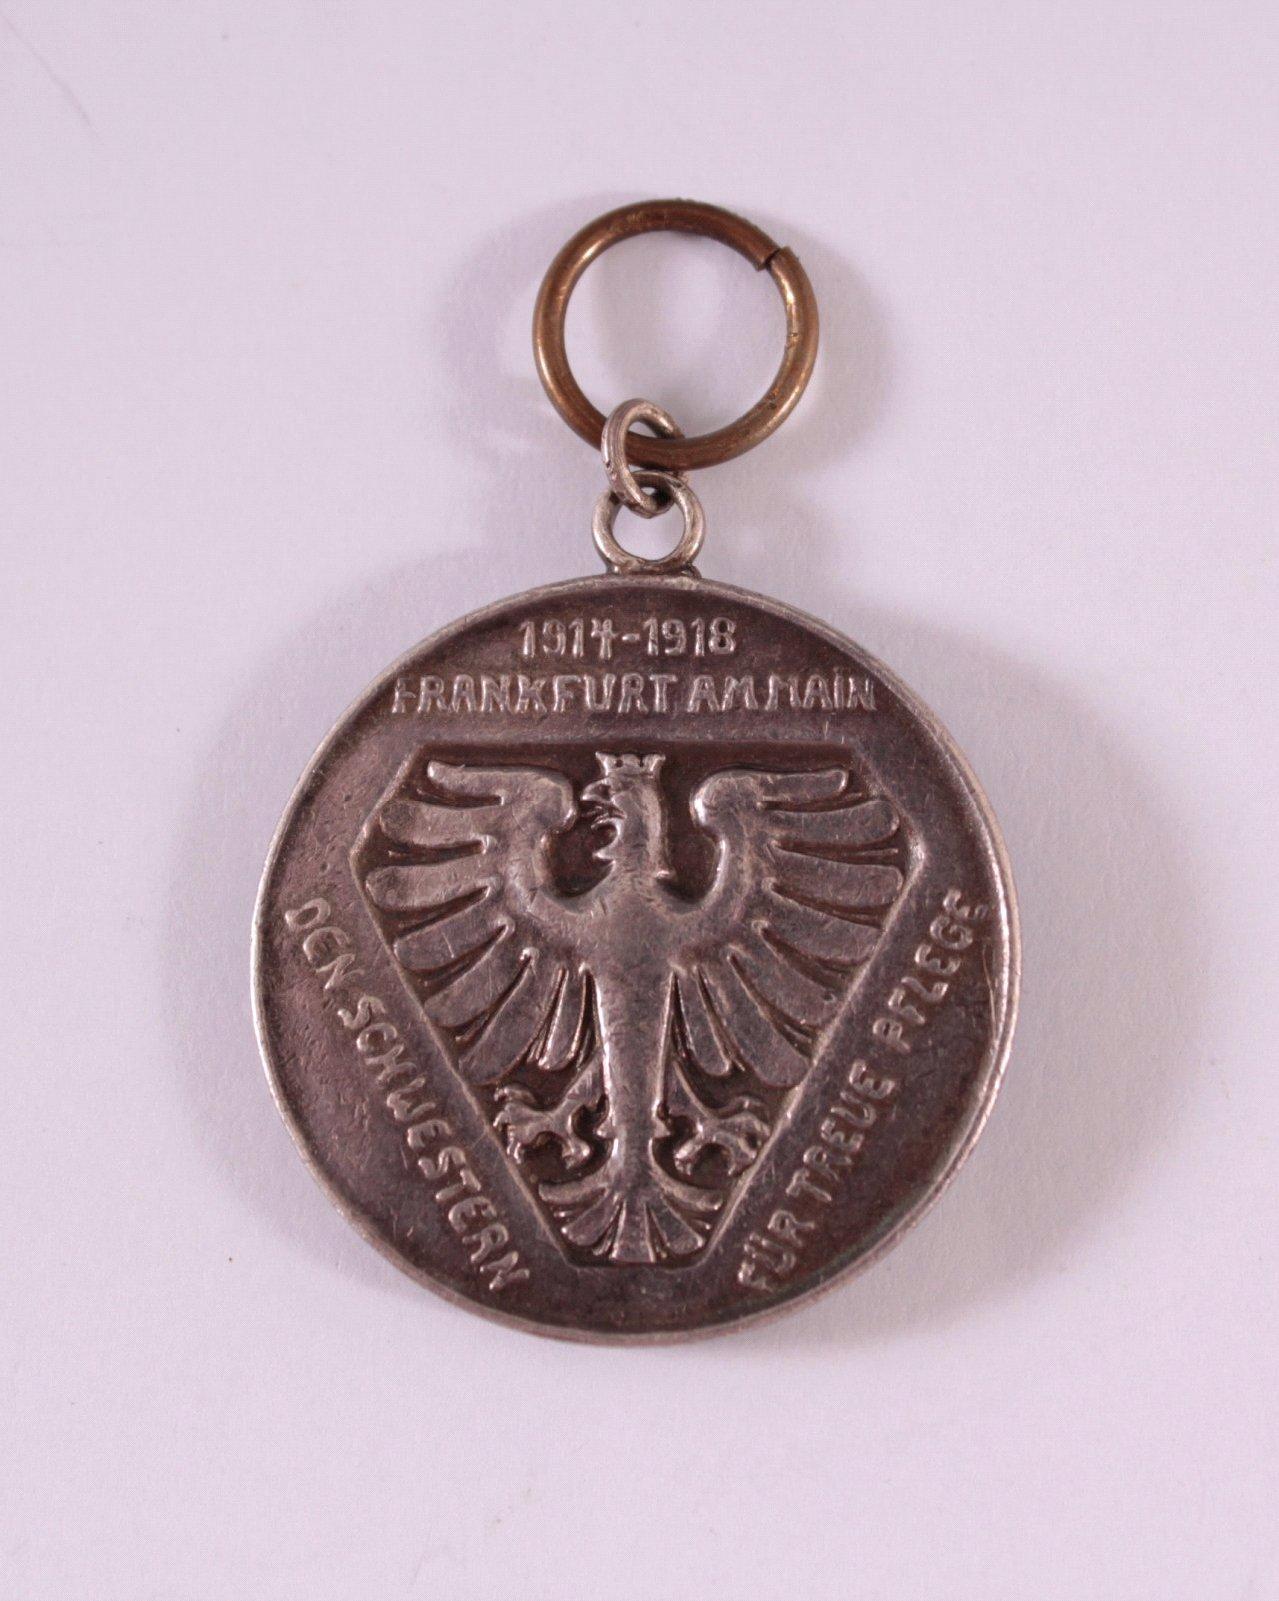 Anhänger, Den Schwestern für treue Pflege 1914-1918-1